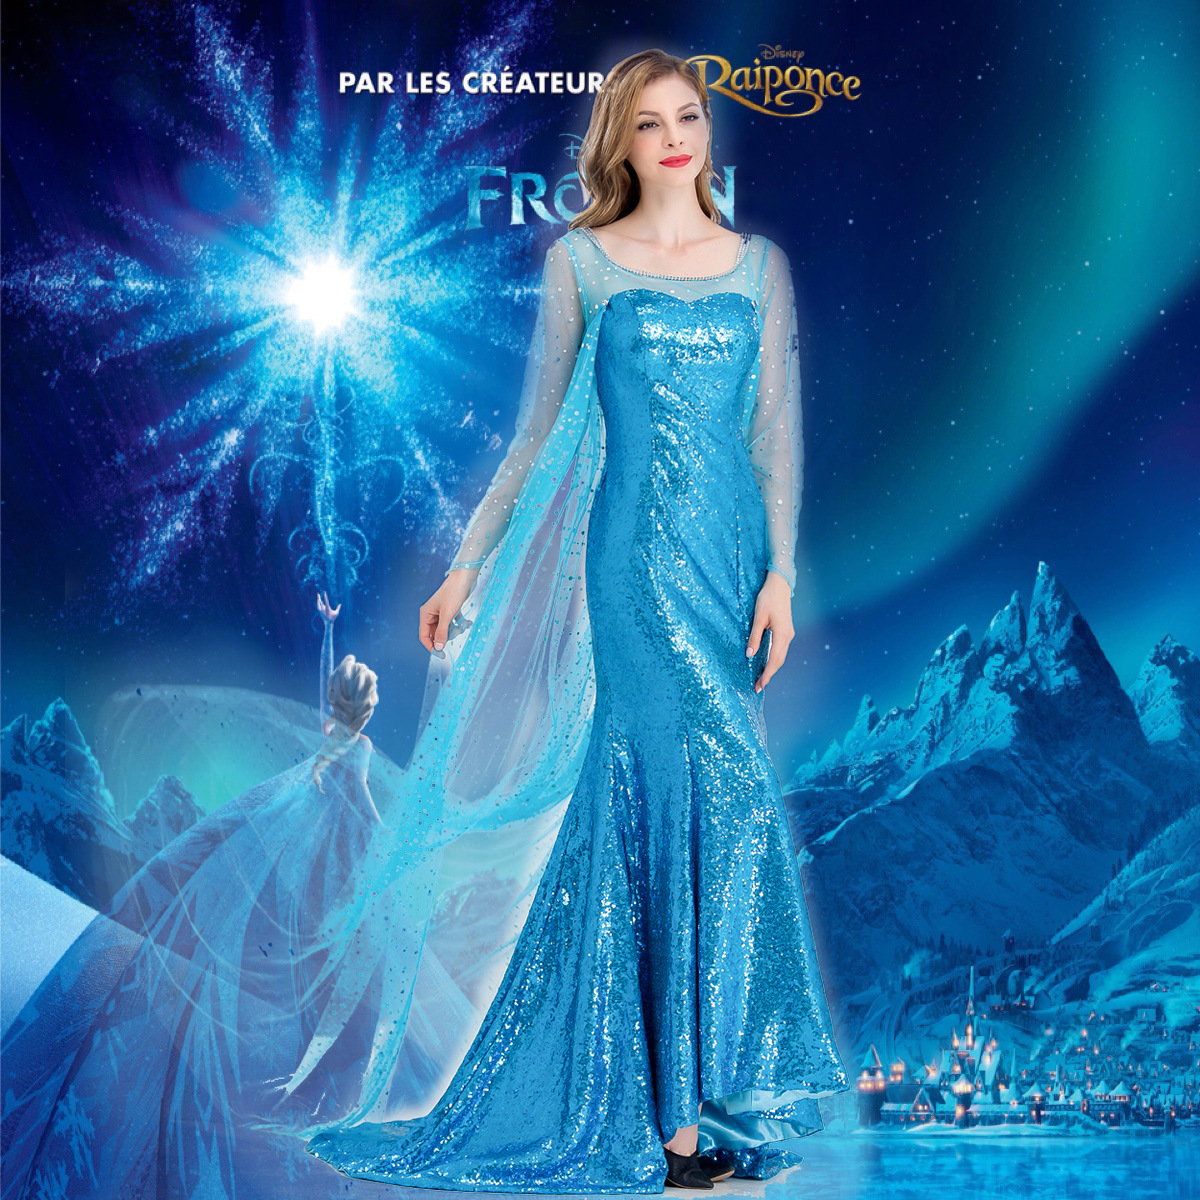 舞台演出服cosplay角色扮演服装成人艾莎冰雪奇缘艾莎公主裙